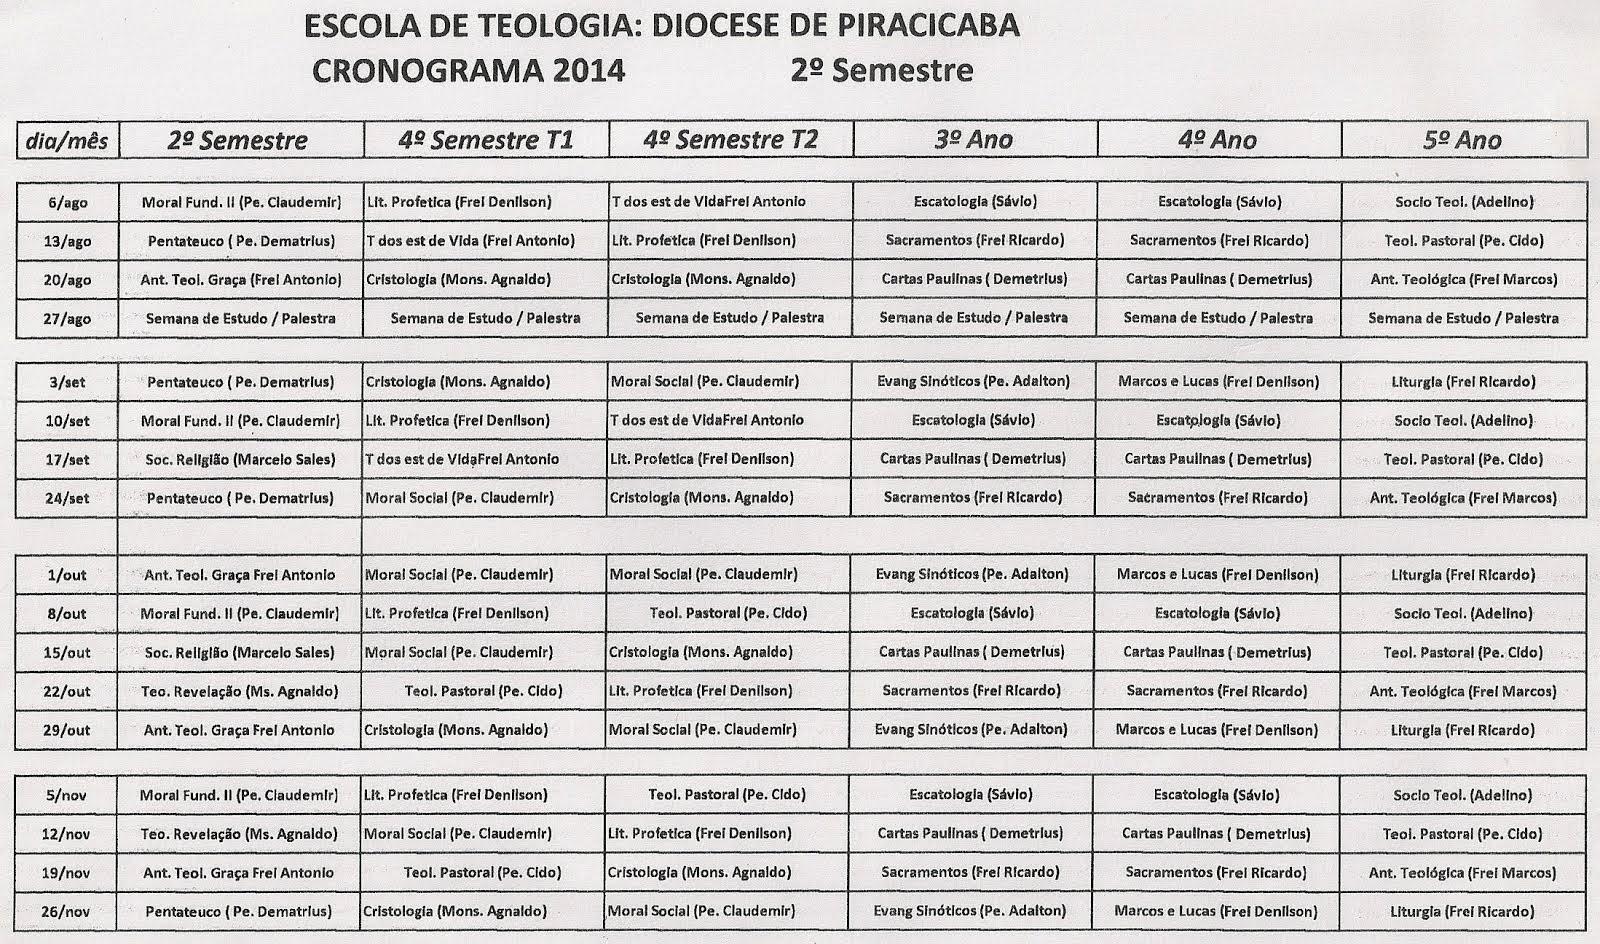 CRONOGRAMA DAS AULAS - 2º SEMESTRE 2014: